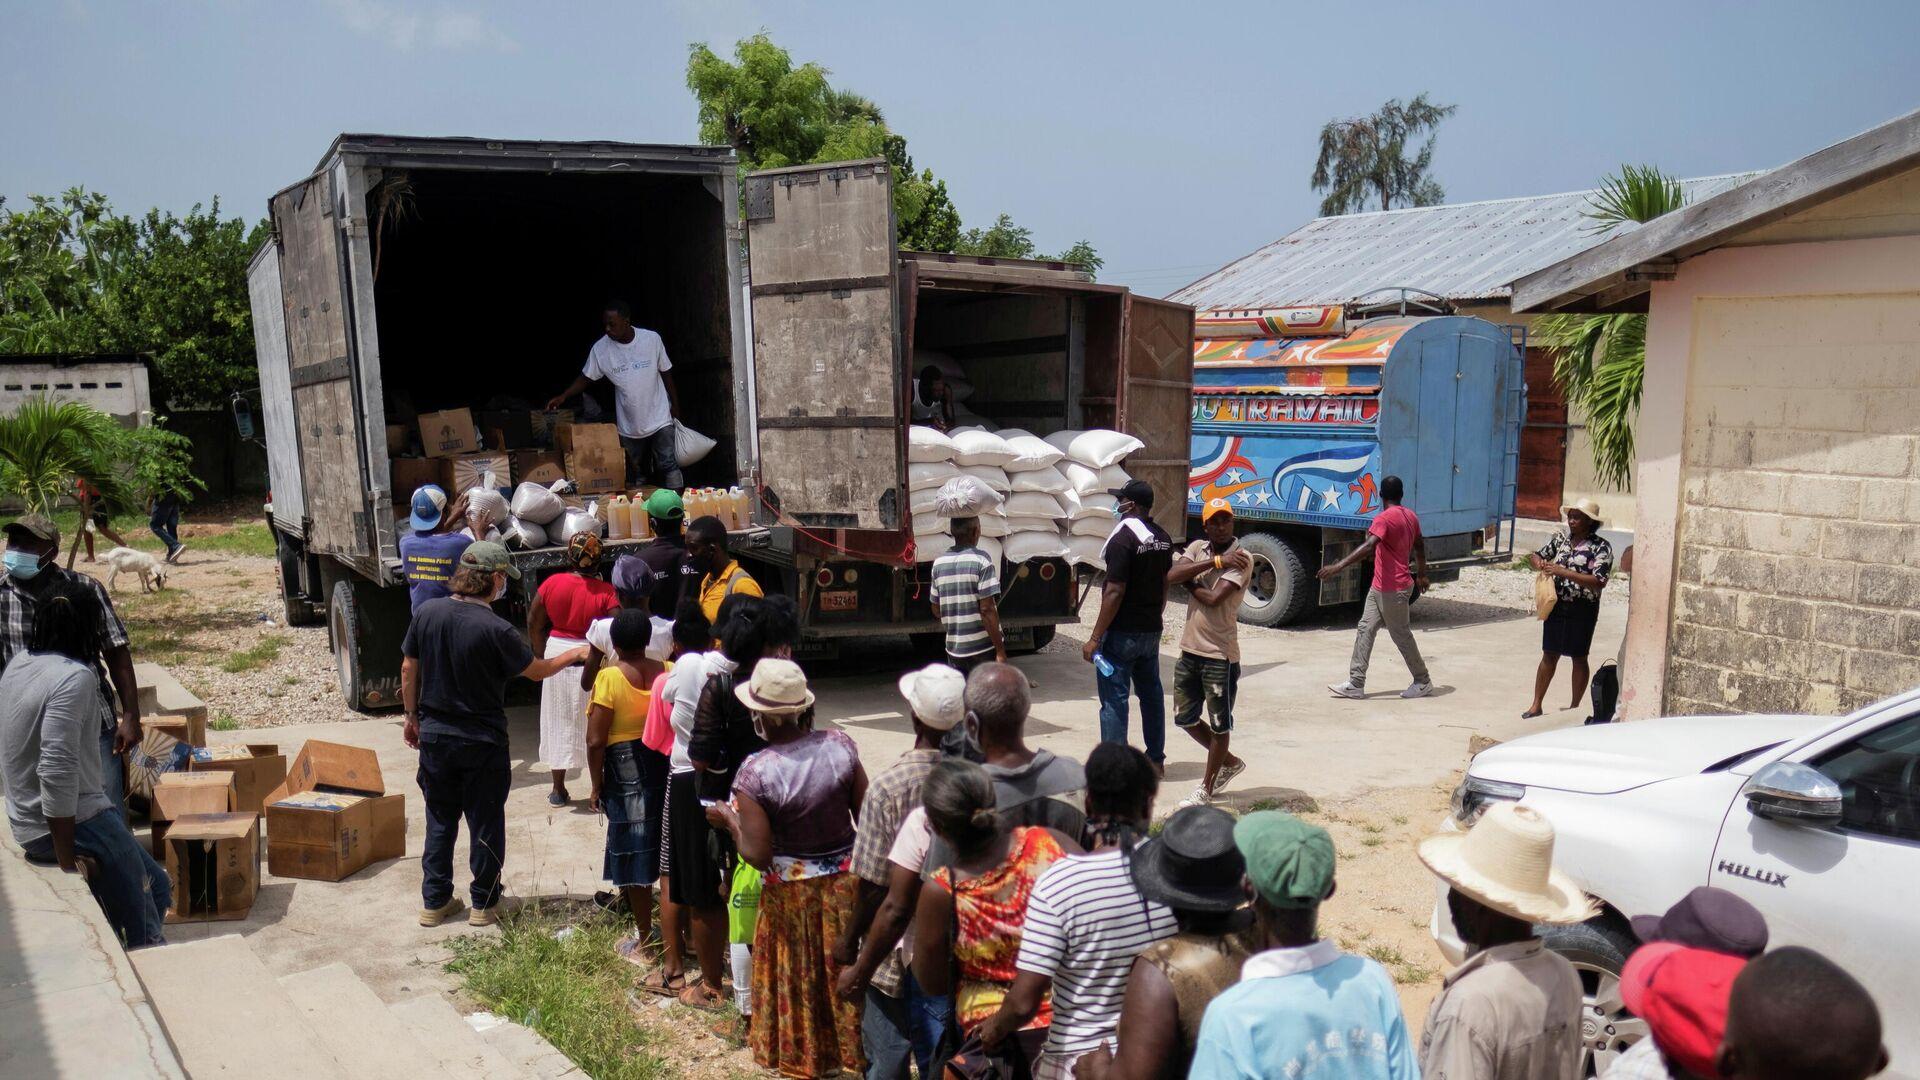 Haitianos reciben la ayuda humanitaria - Sputnik Mundo, 1920, 31.08.2021